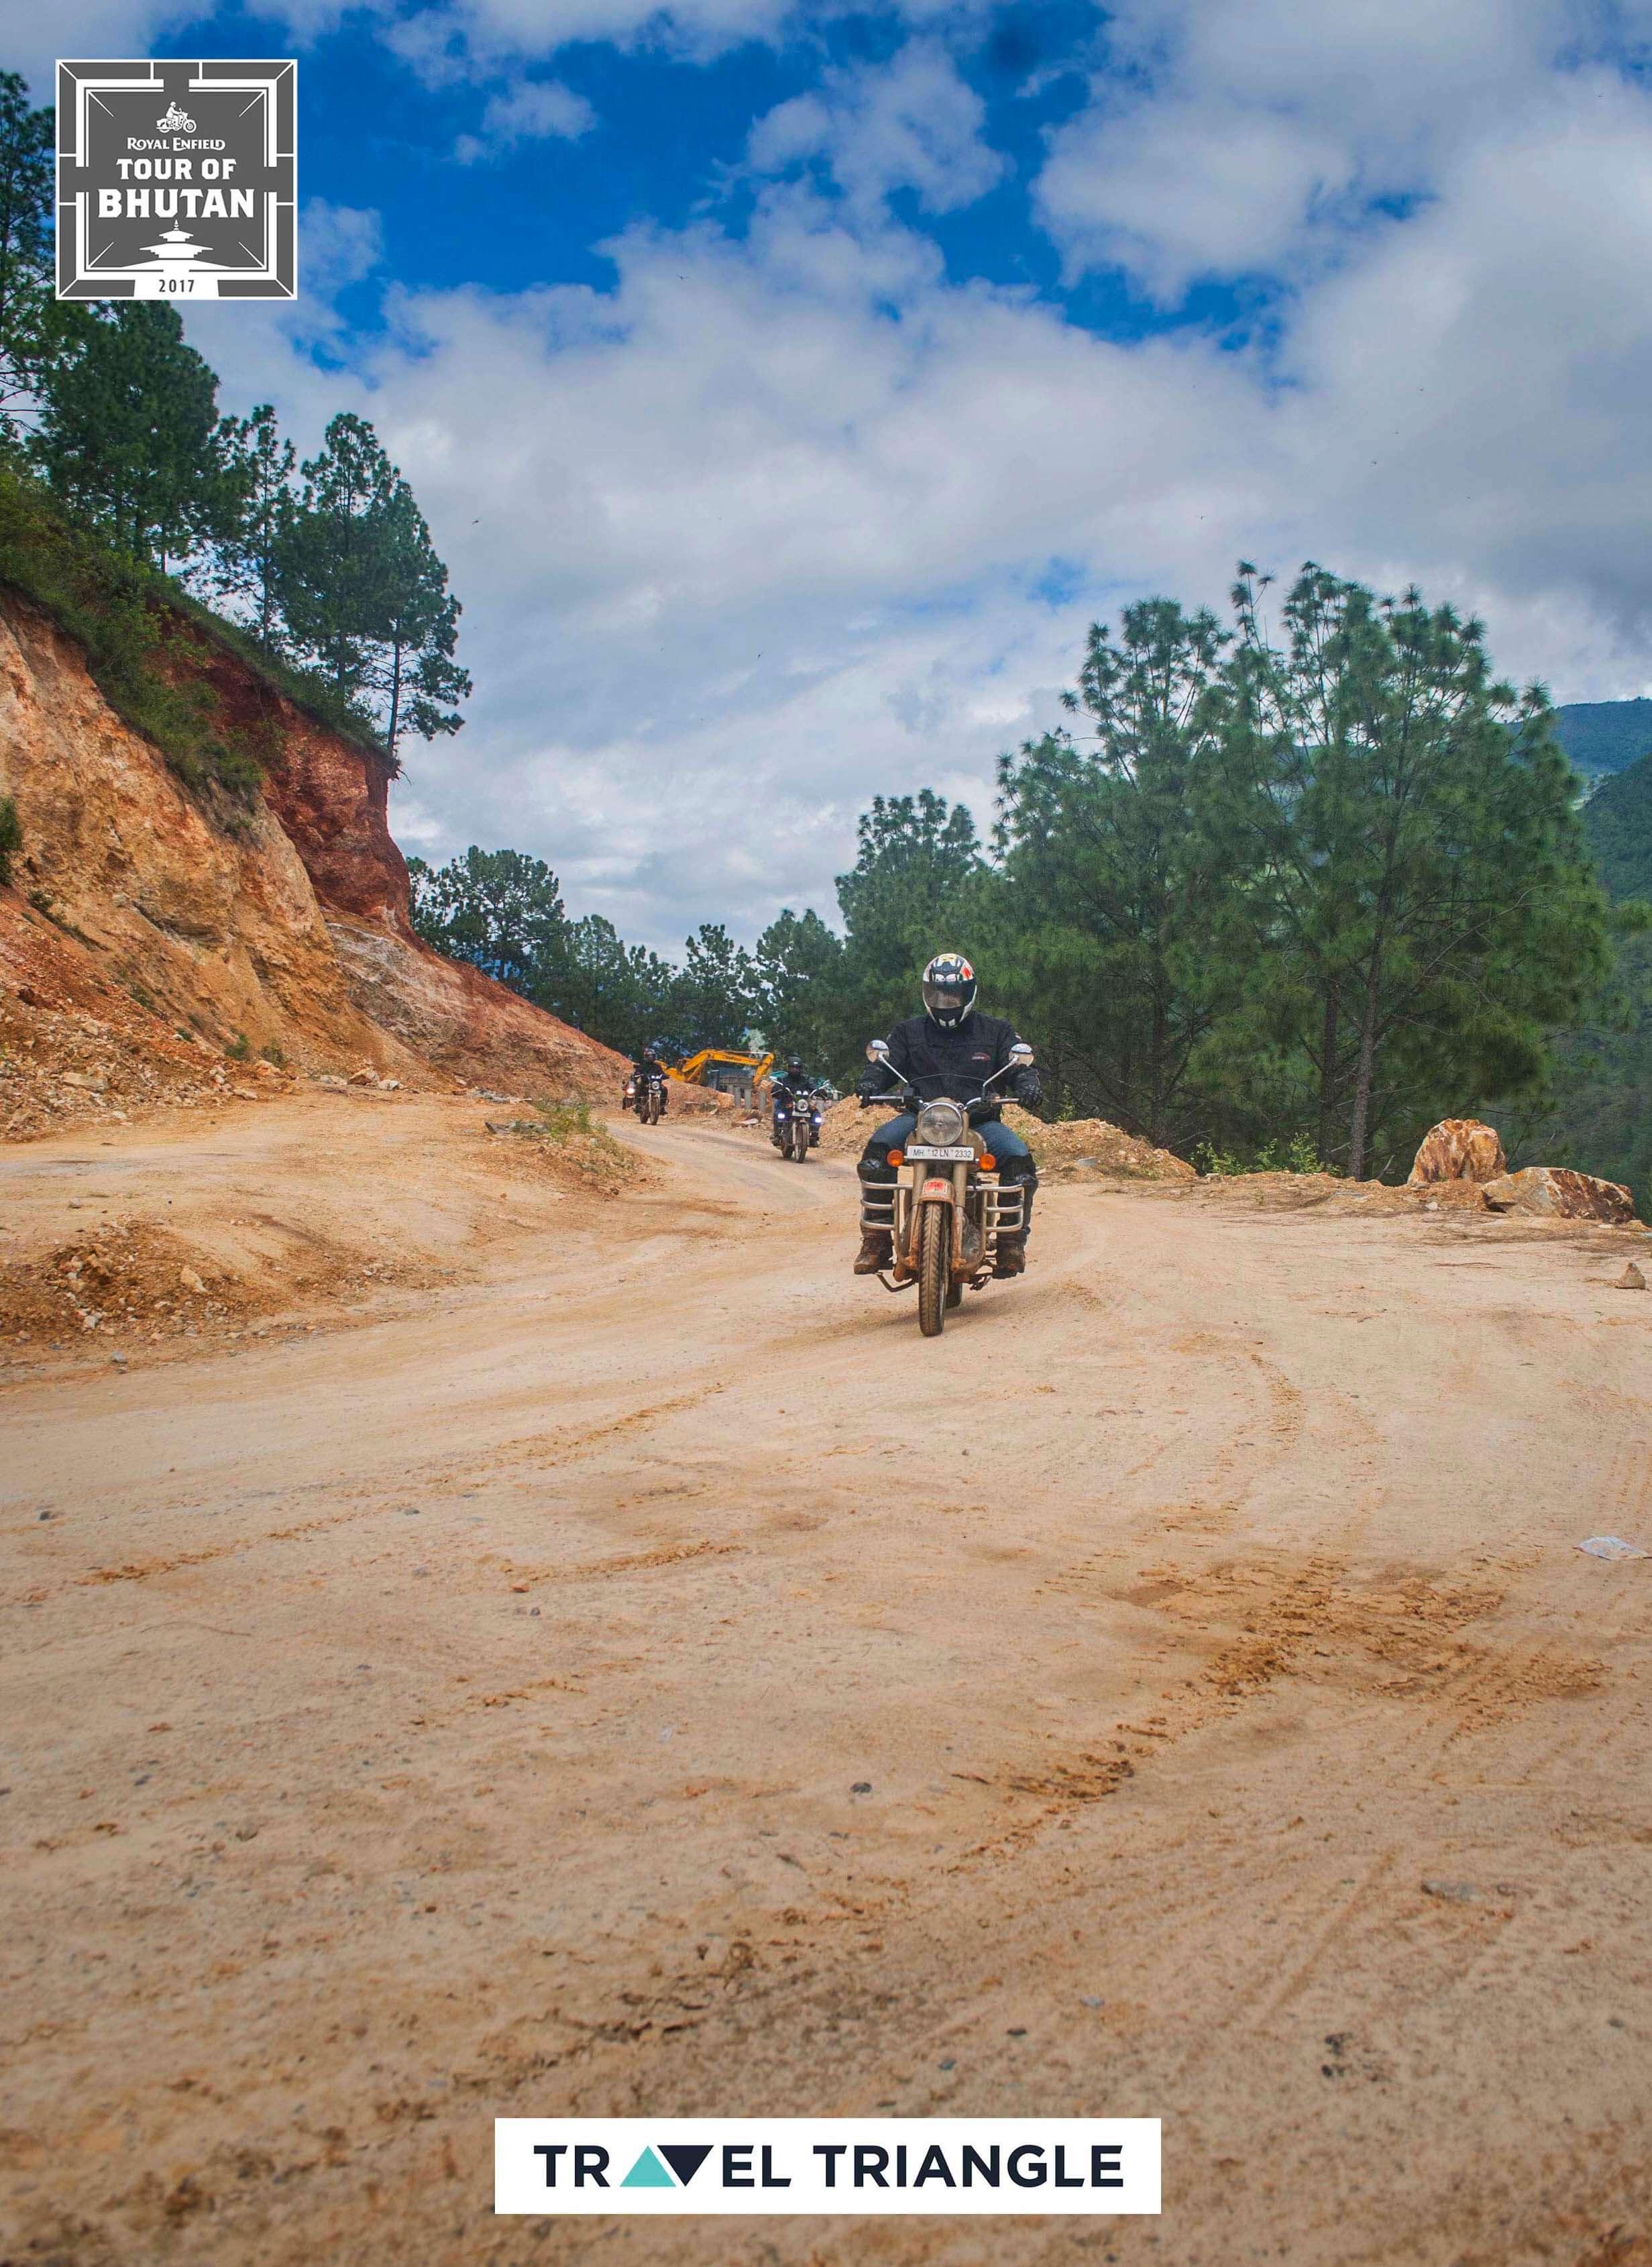 Mongar to Trashigang: a rider riding off